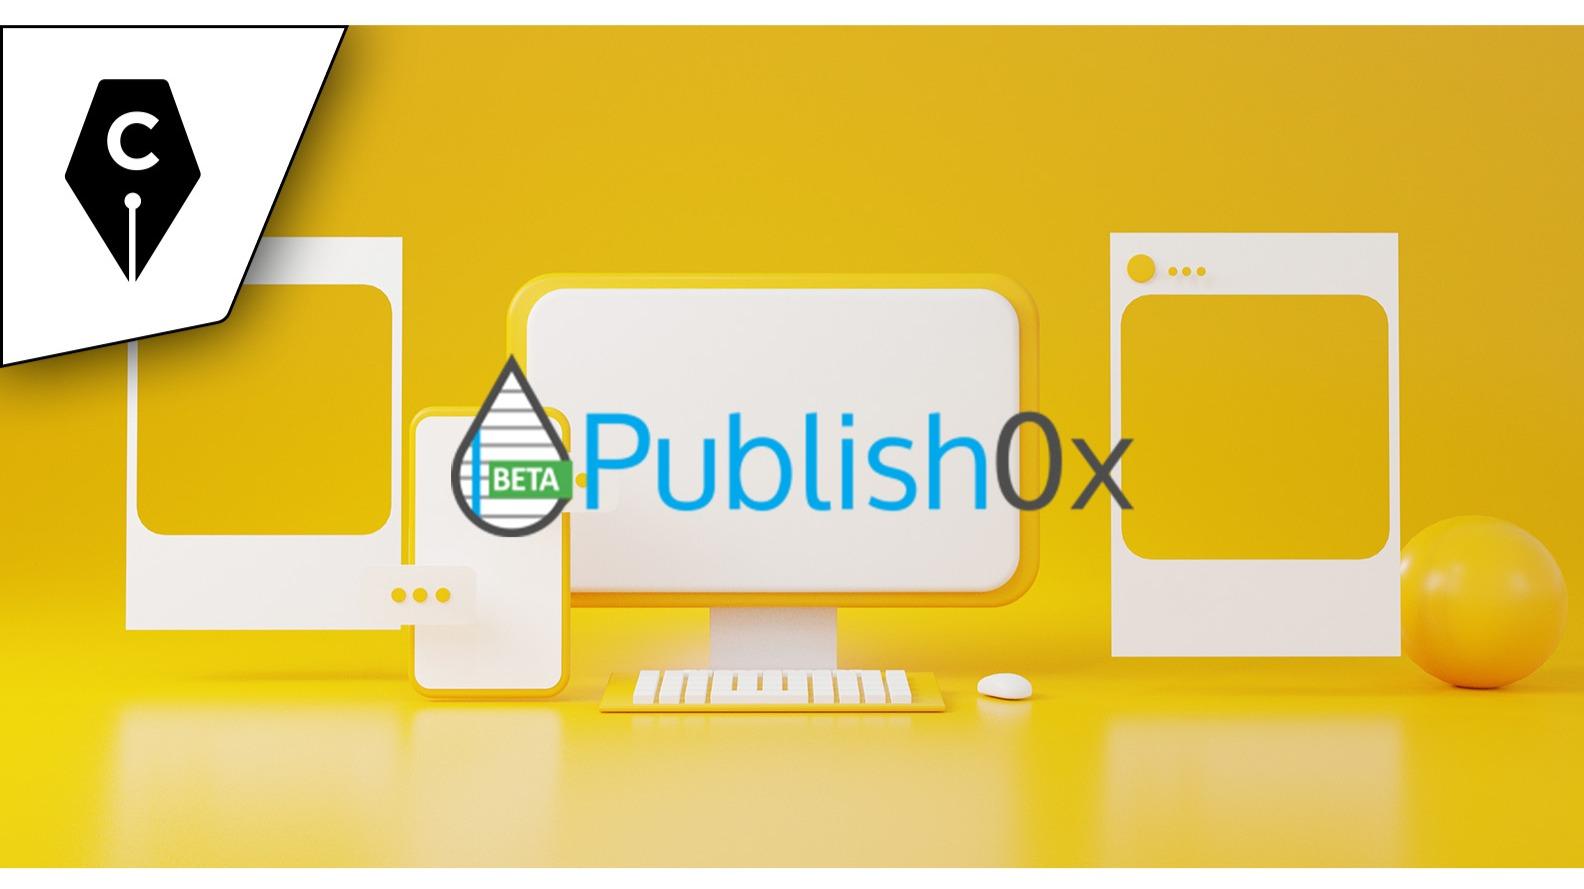 Publish0x cryptosocial